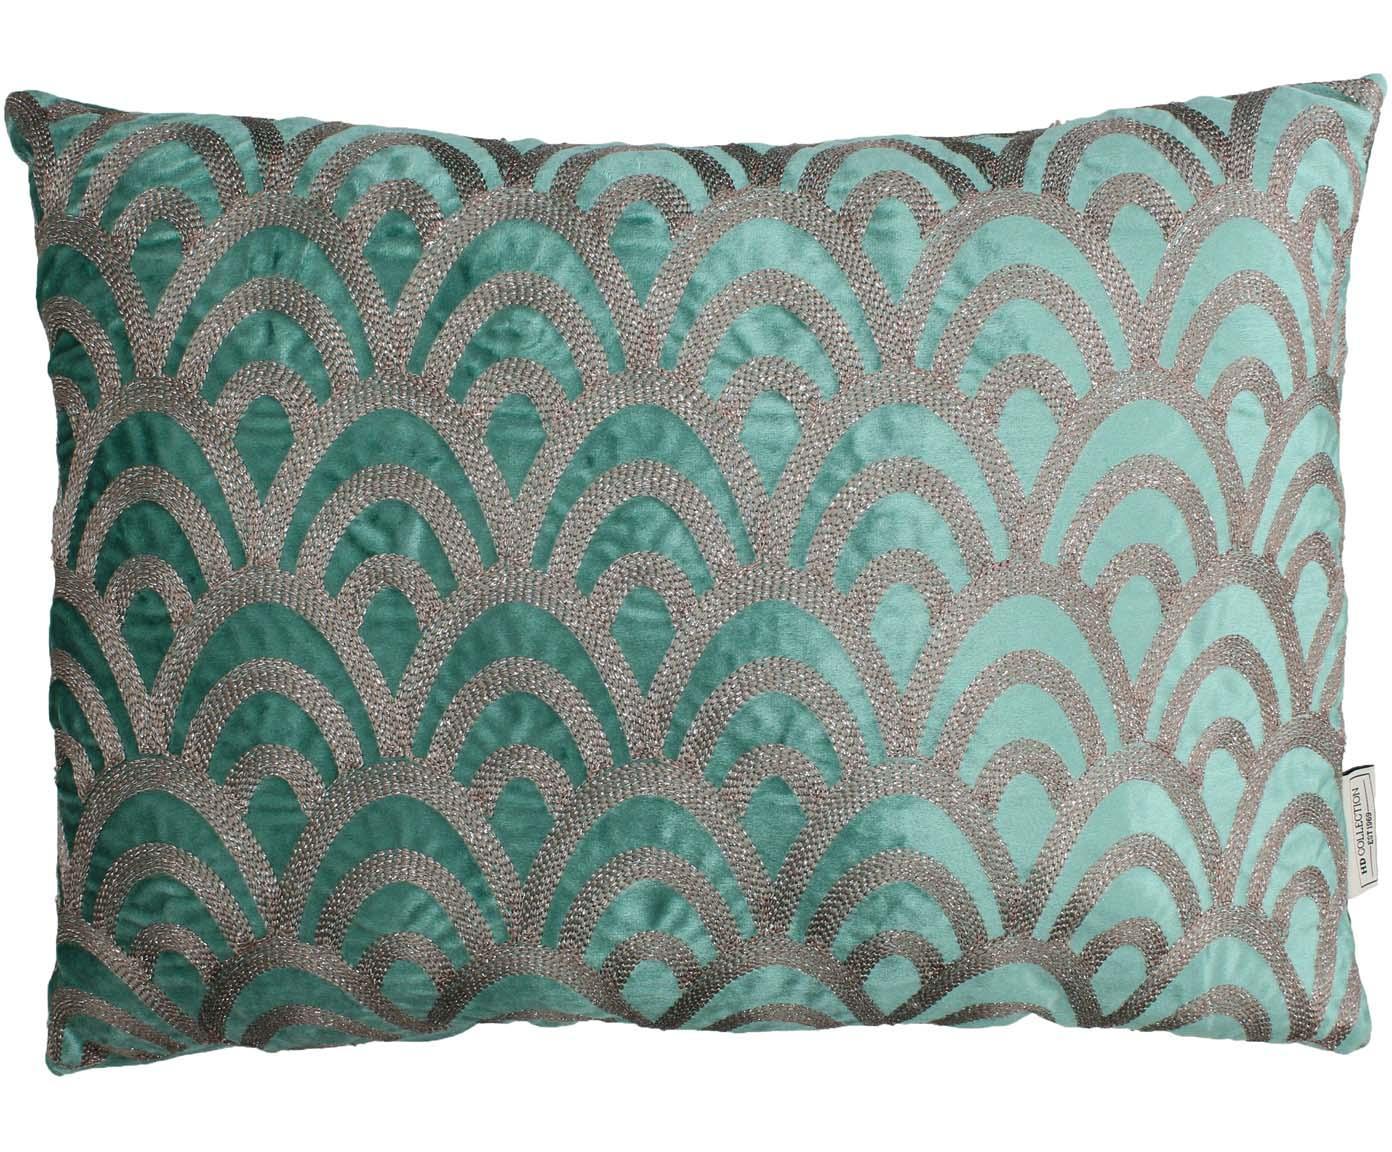 Fuwelen kussen Trole, Fluweel, Groen, zilverkleurig, 40 x 60 cm